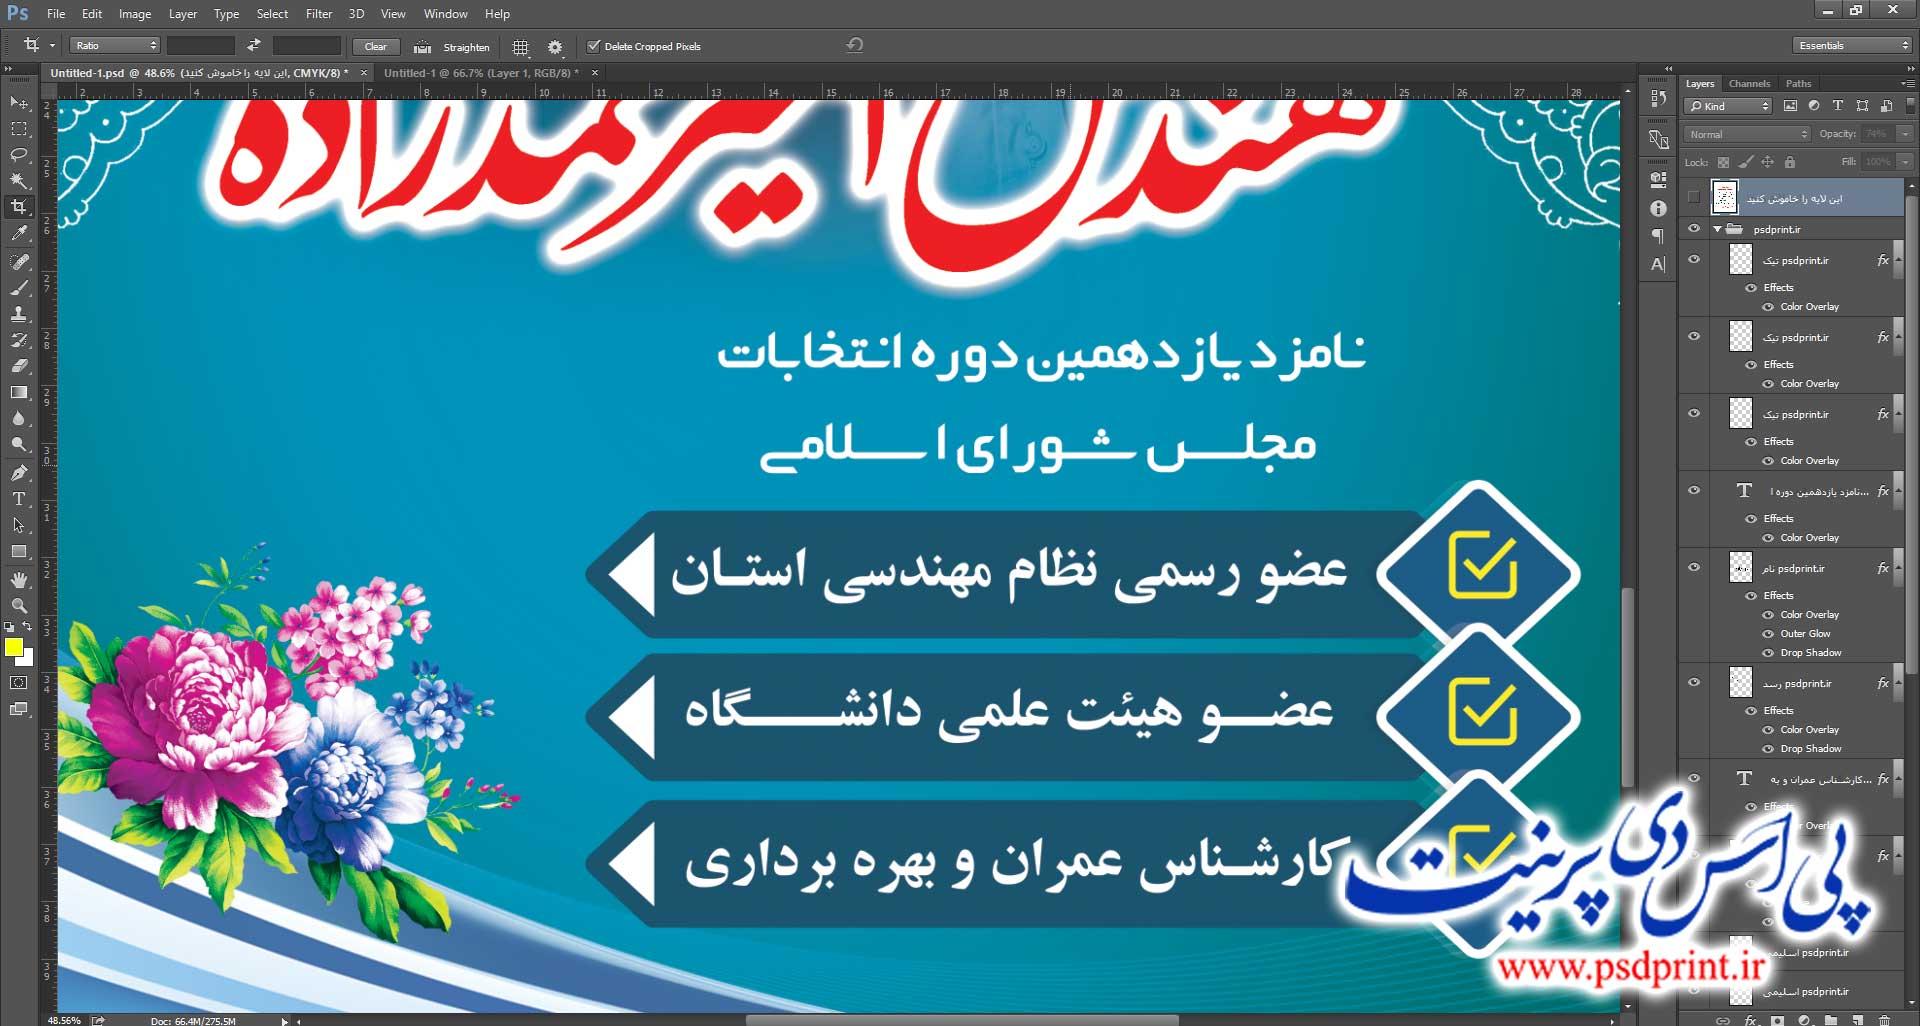 دانود پوستر لایه باز انتخاباتی